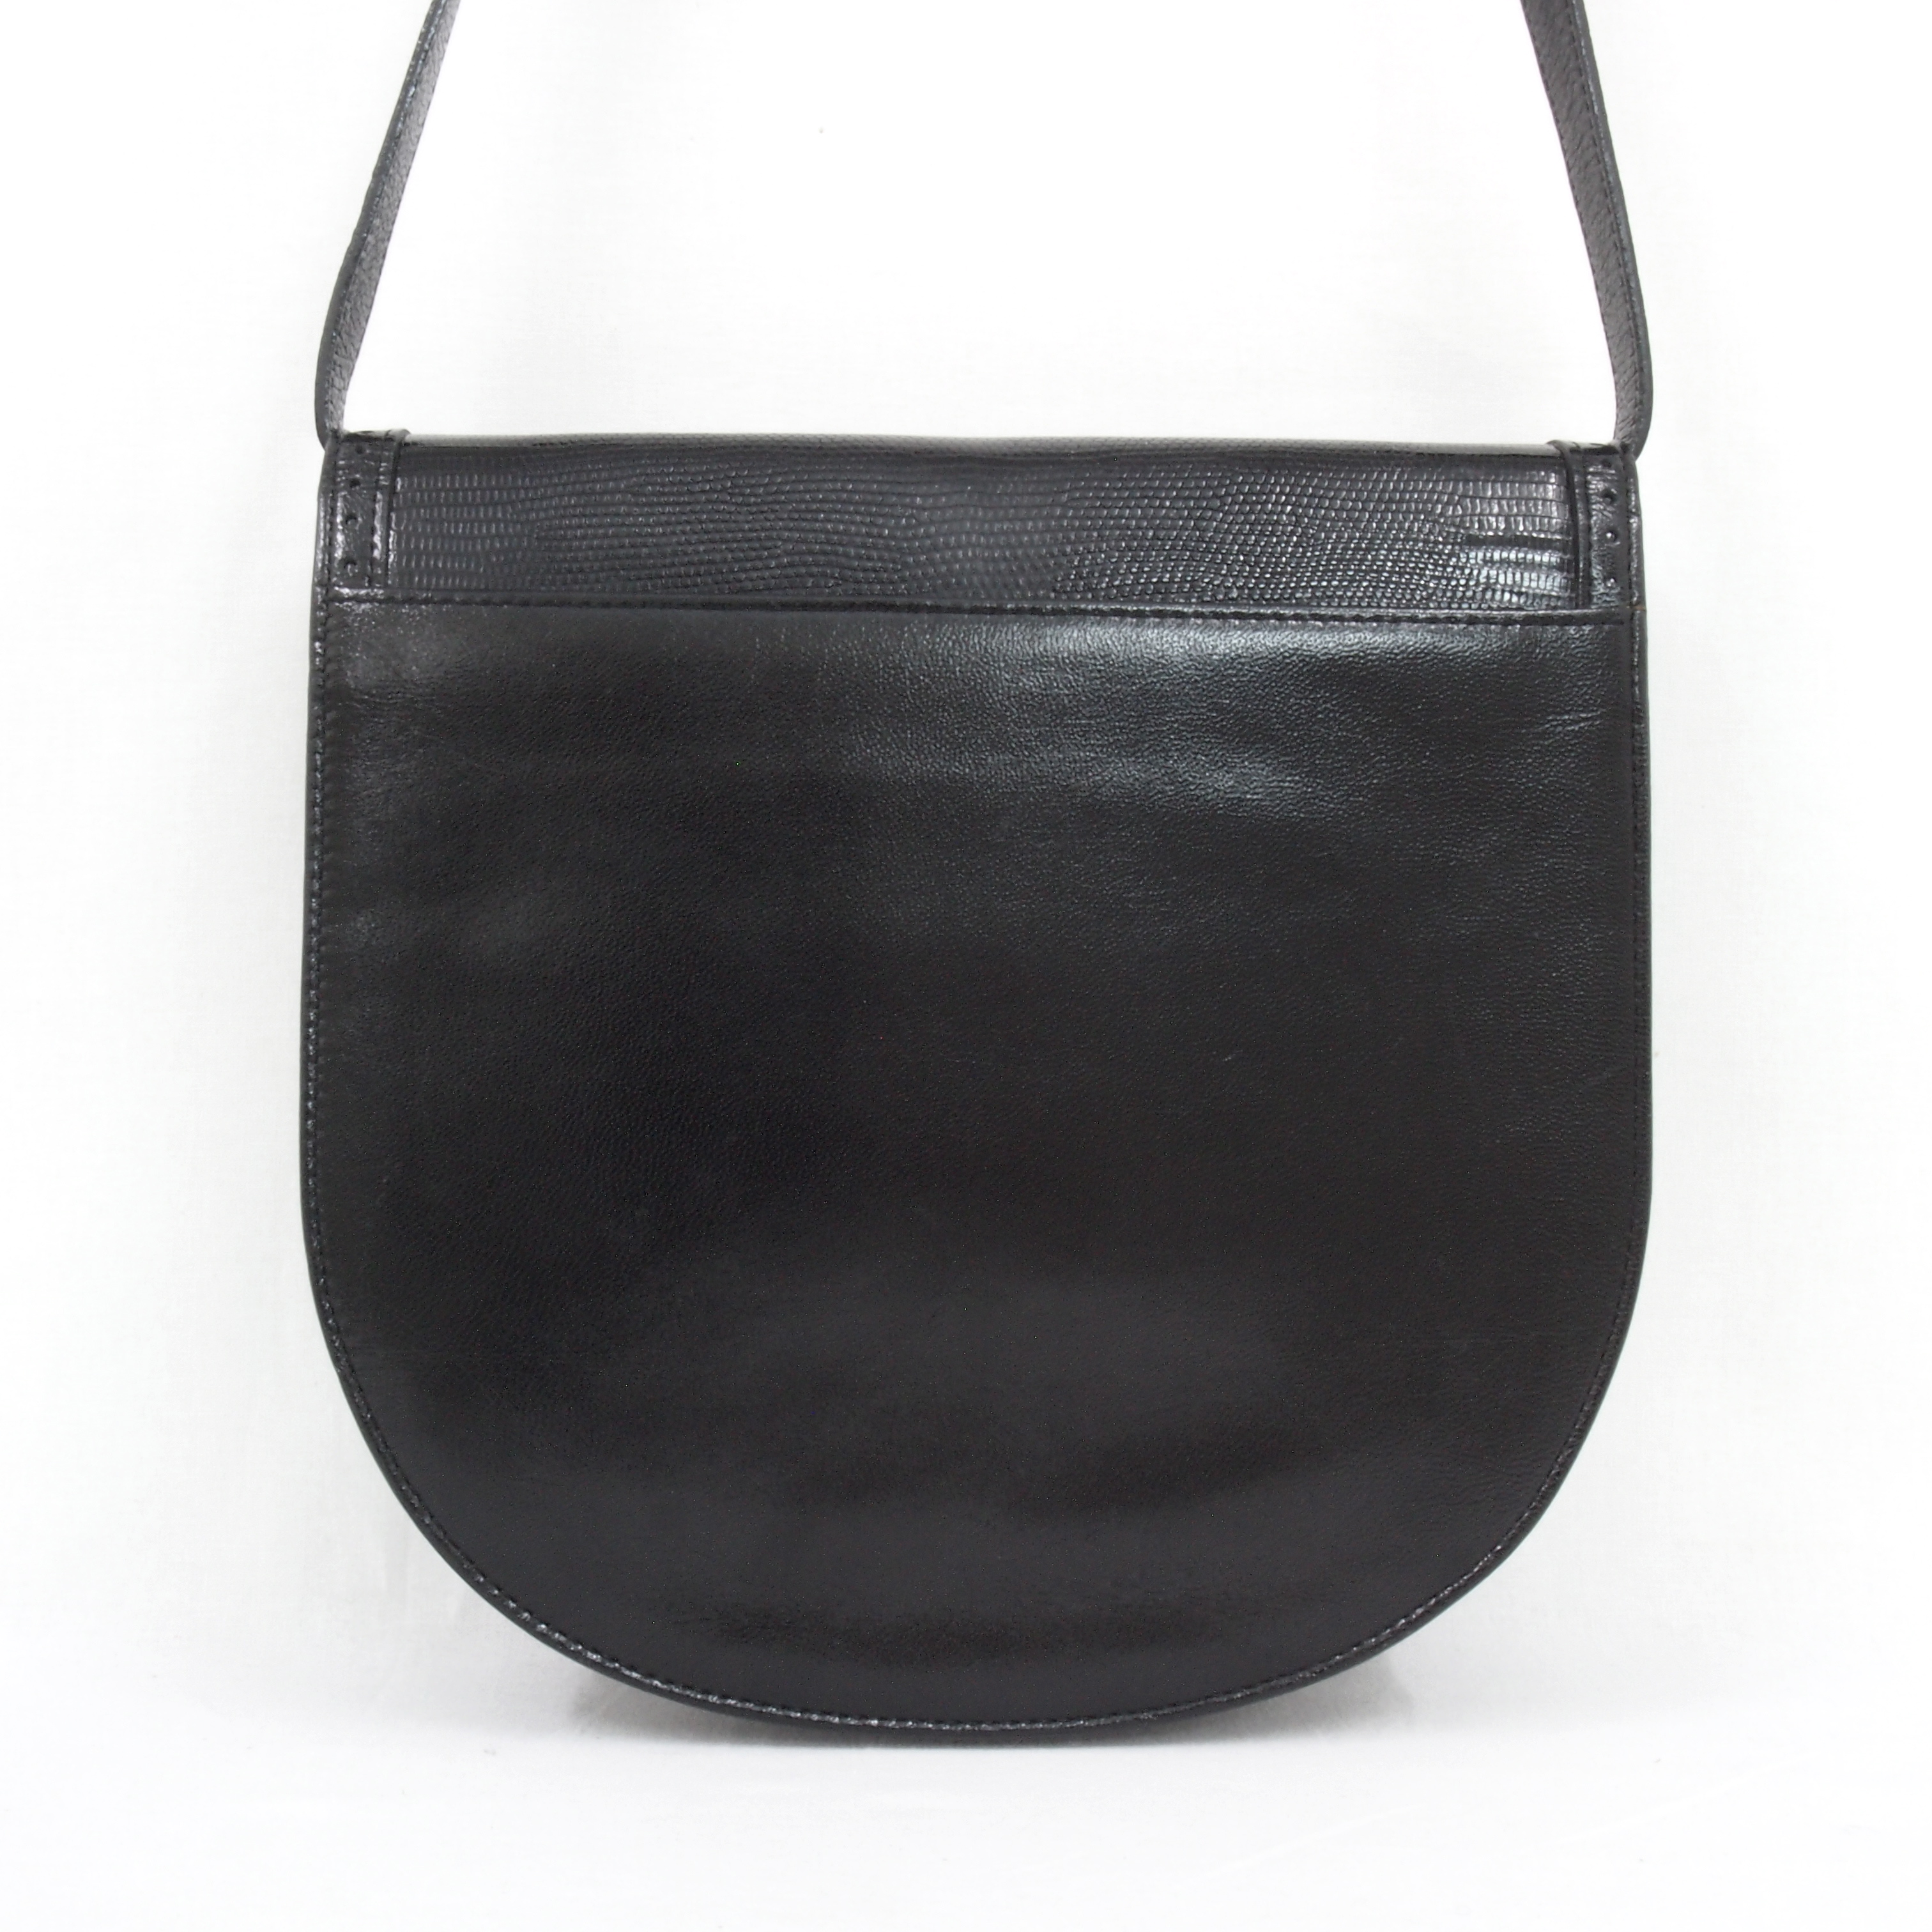 Ysl Shoulder Bag Ebay Jaguar Clubs Of North America